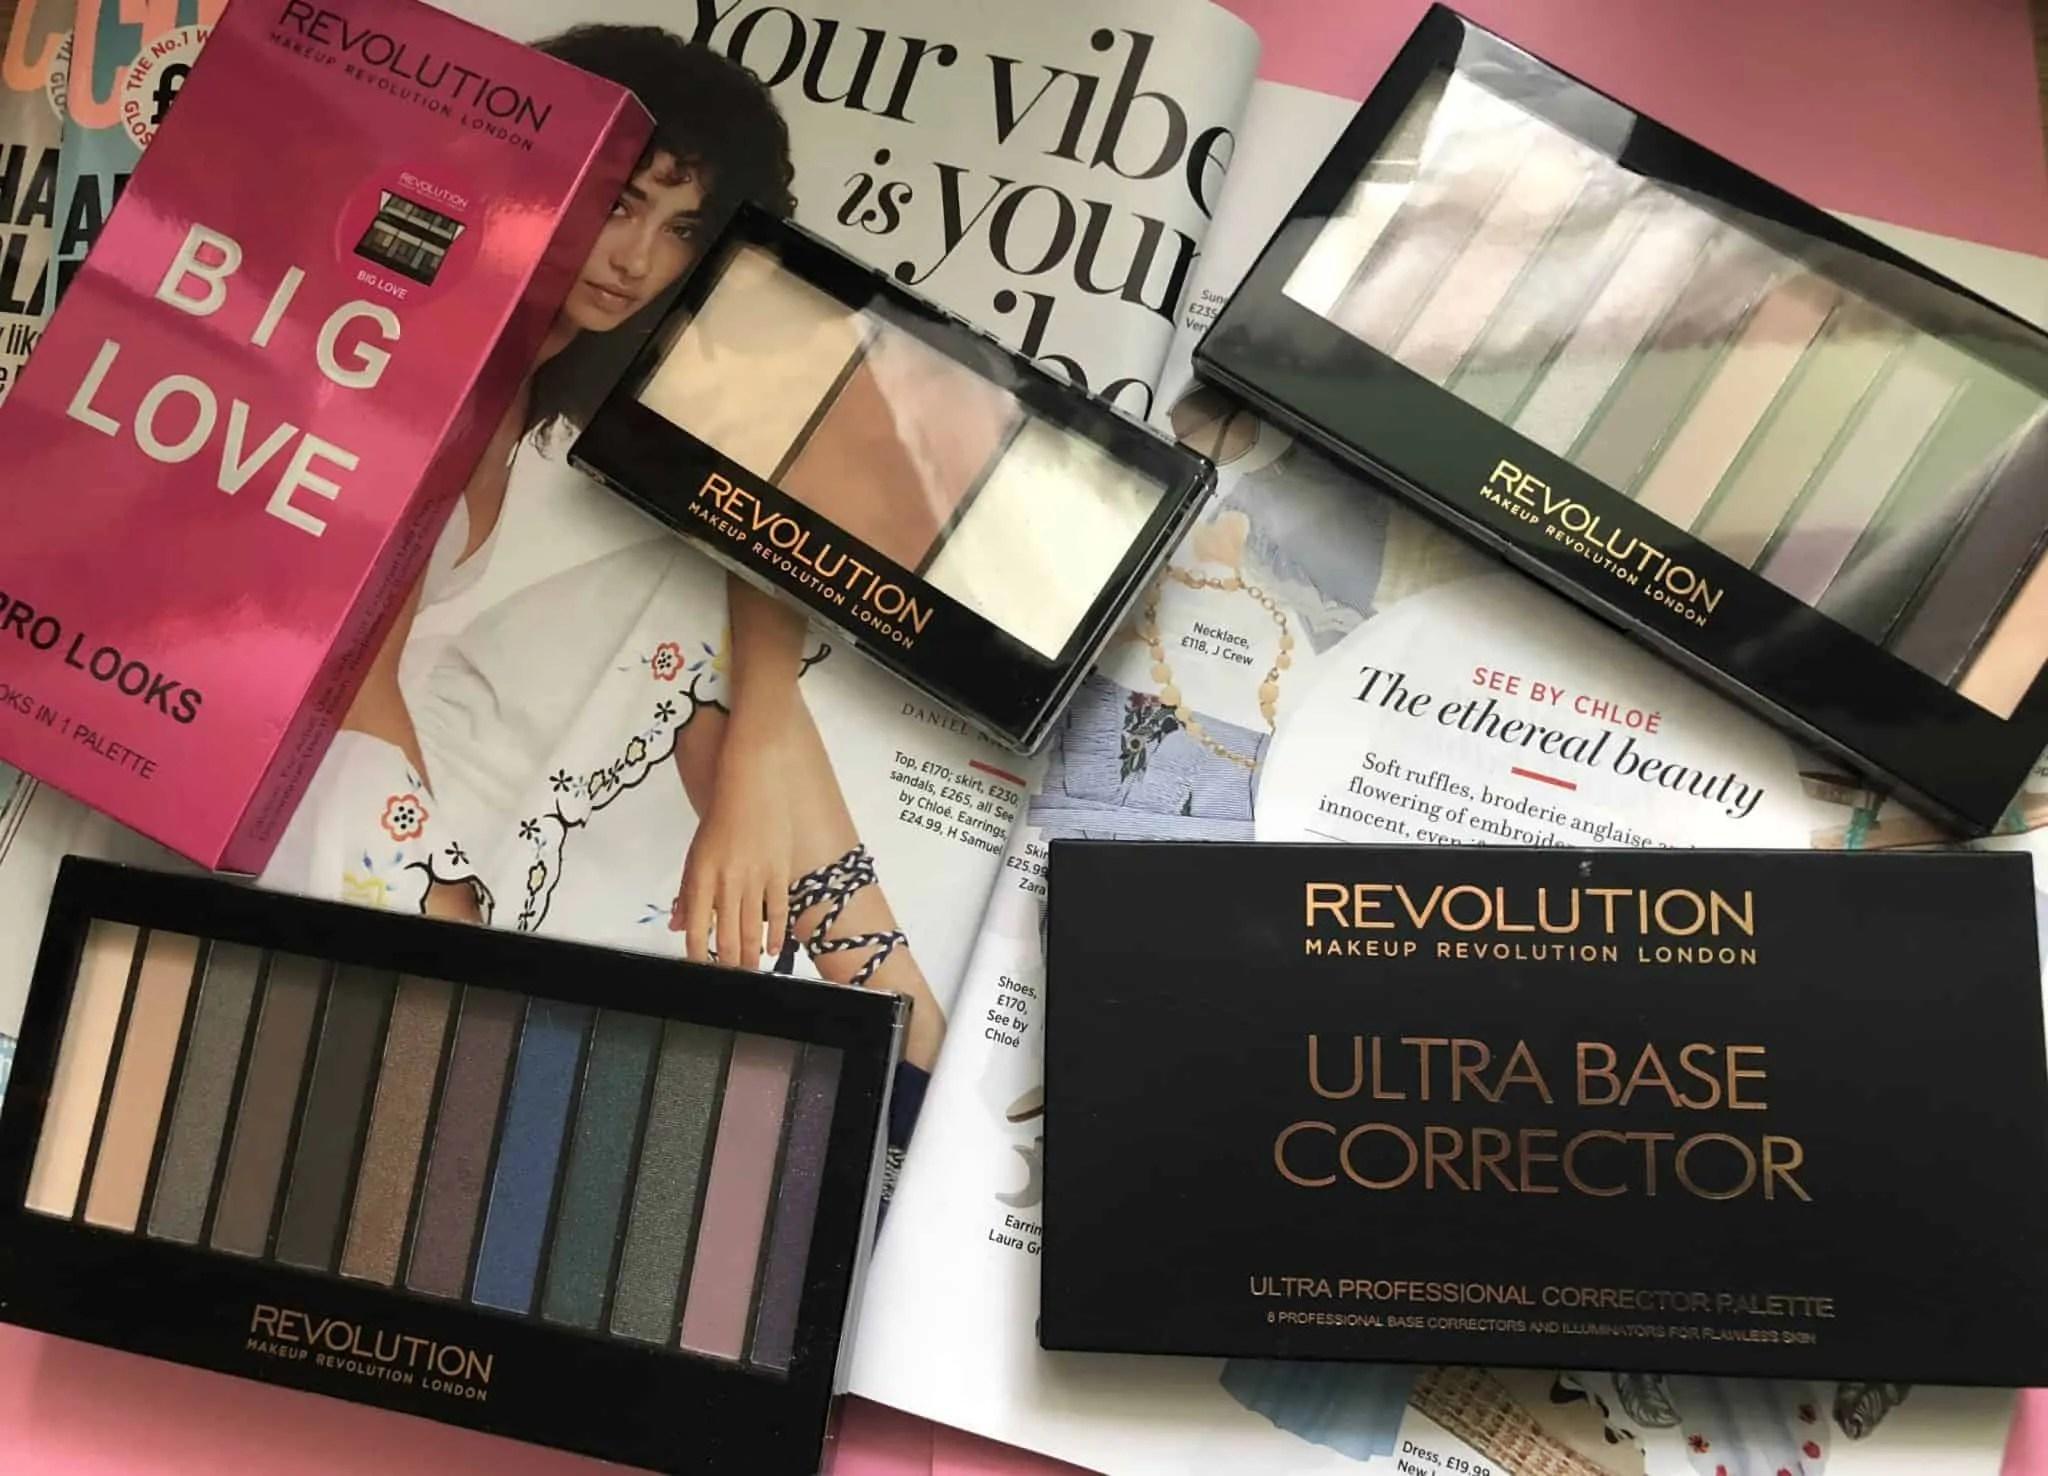 Makeup Revolution cosmetics massive makeup palette competition